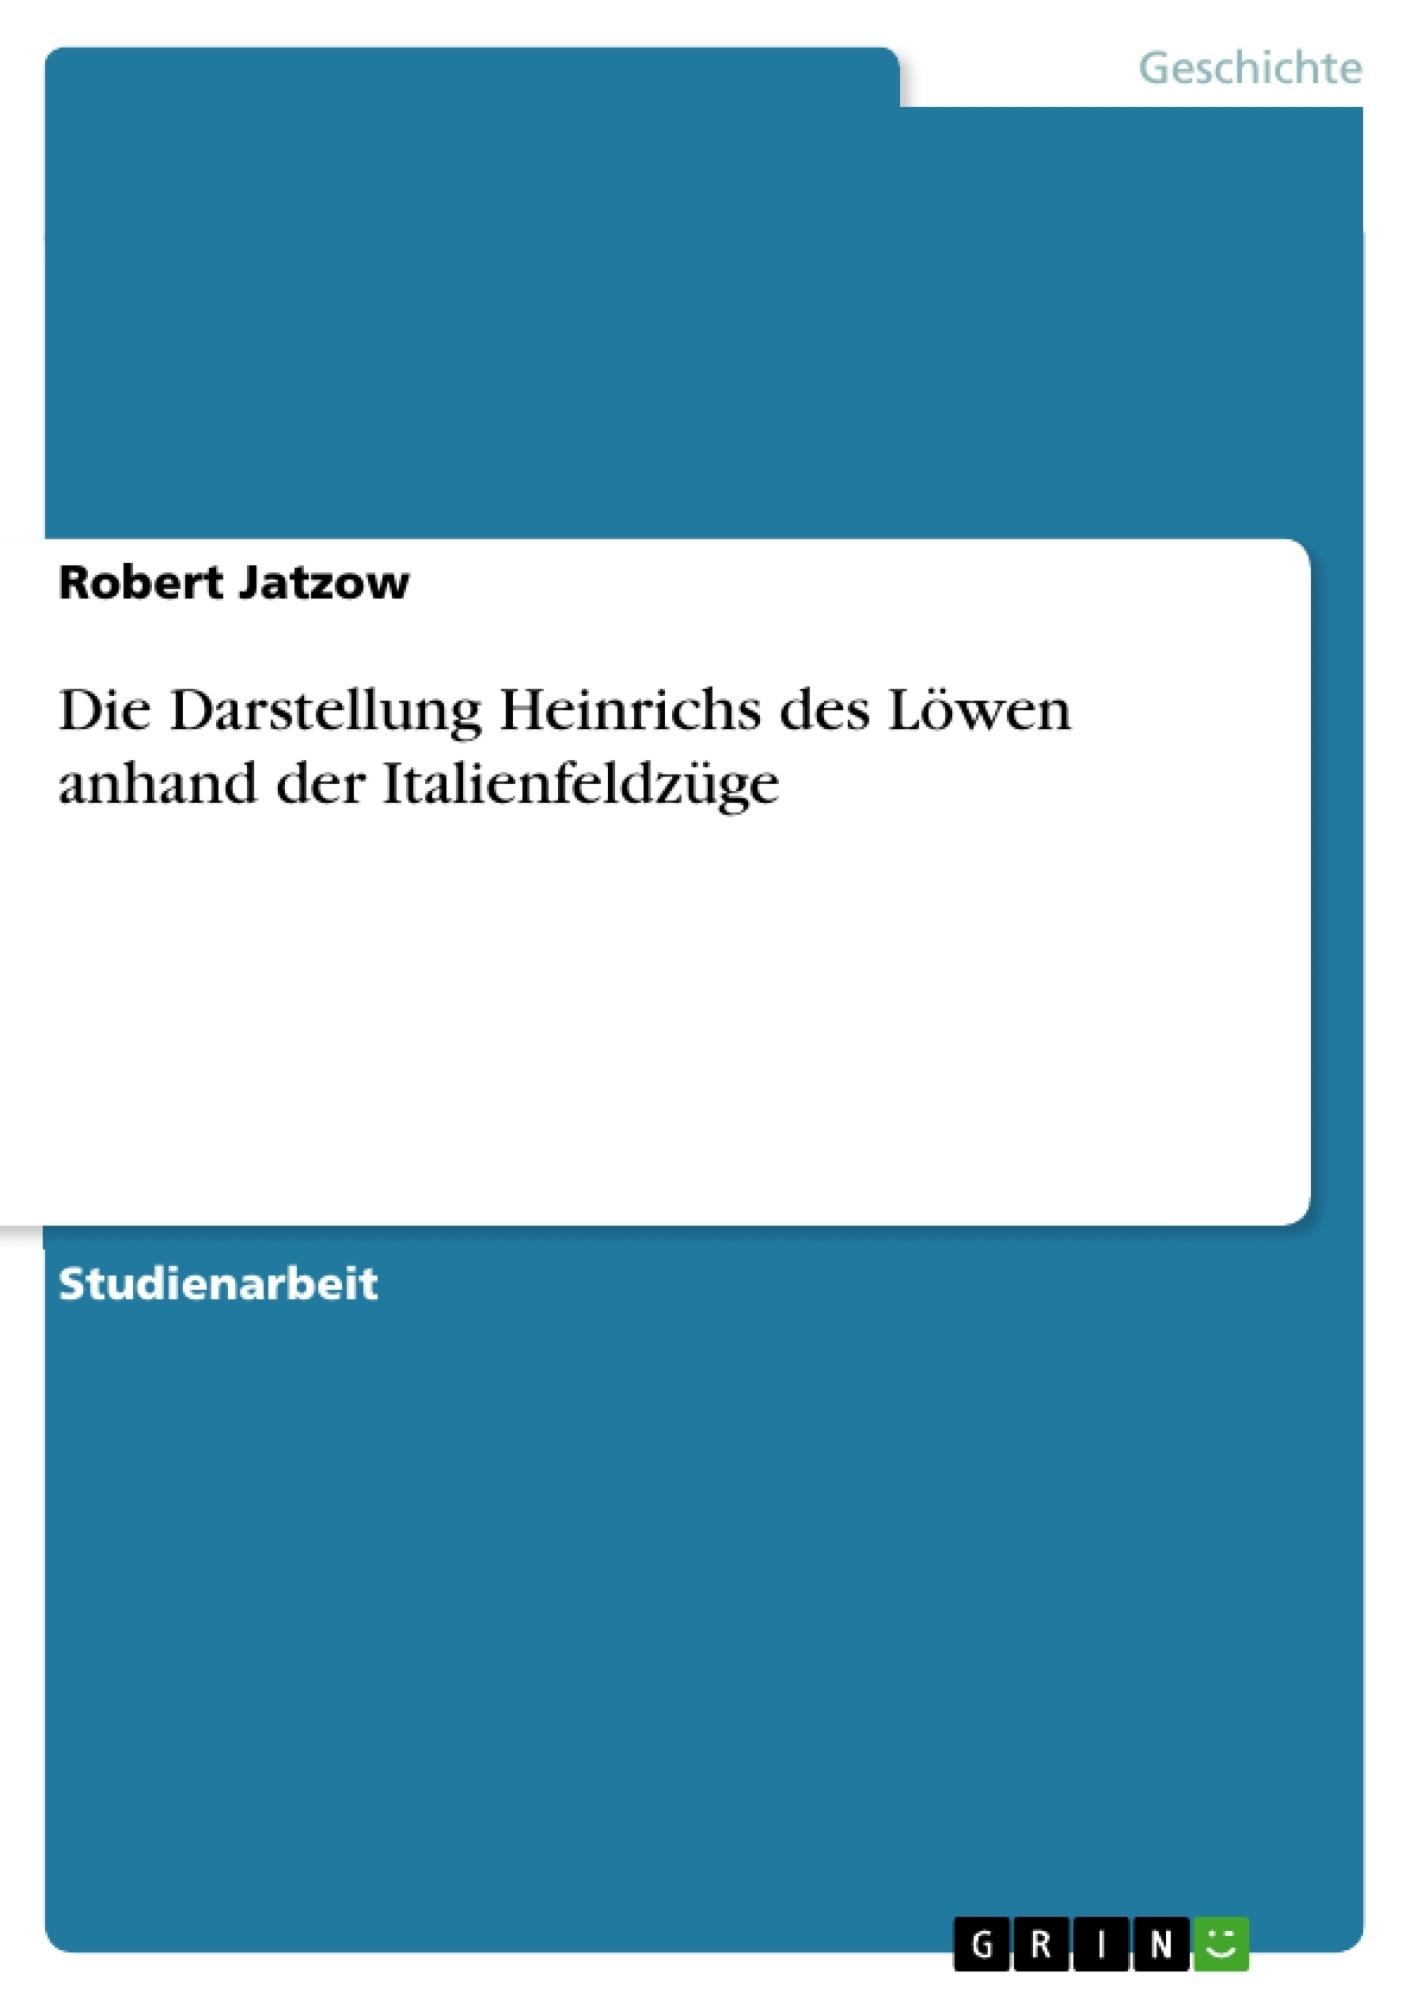 Titel: Die Darstellung Heinrichs des Löwen anhand der Italienfeldzüge